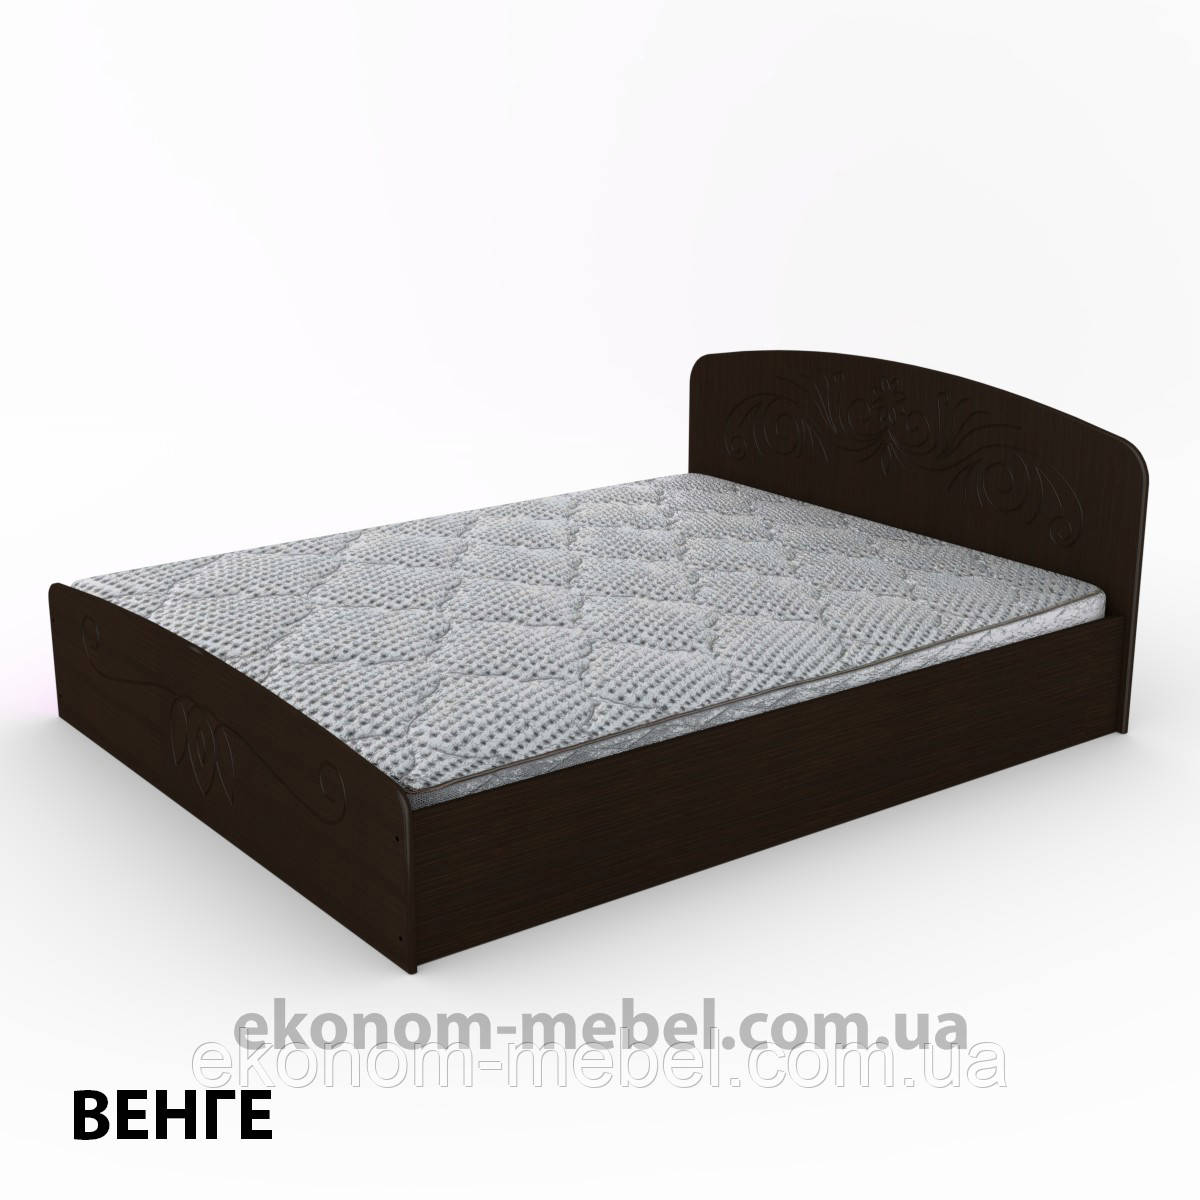 Кровать Нежность-160 МДФ полуторная стандартная с нишей для хранения